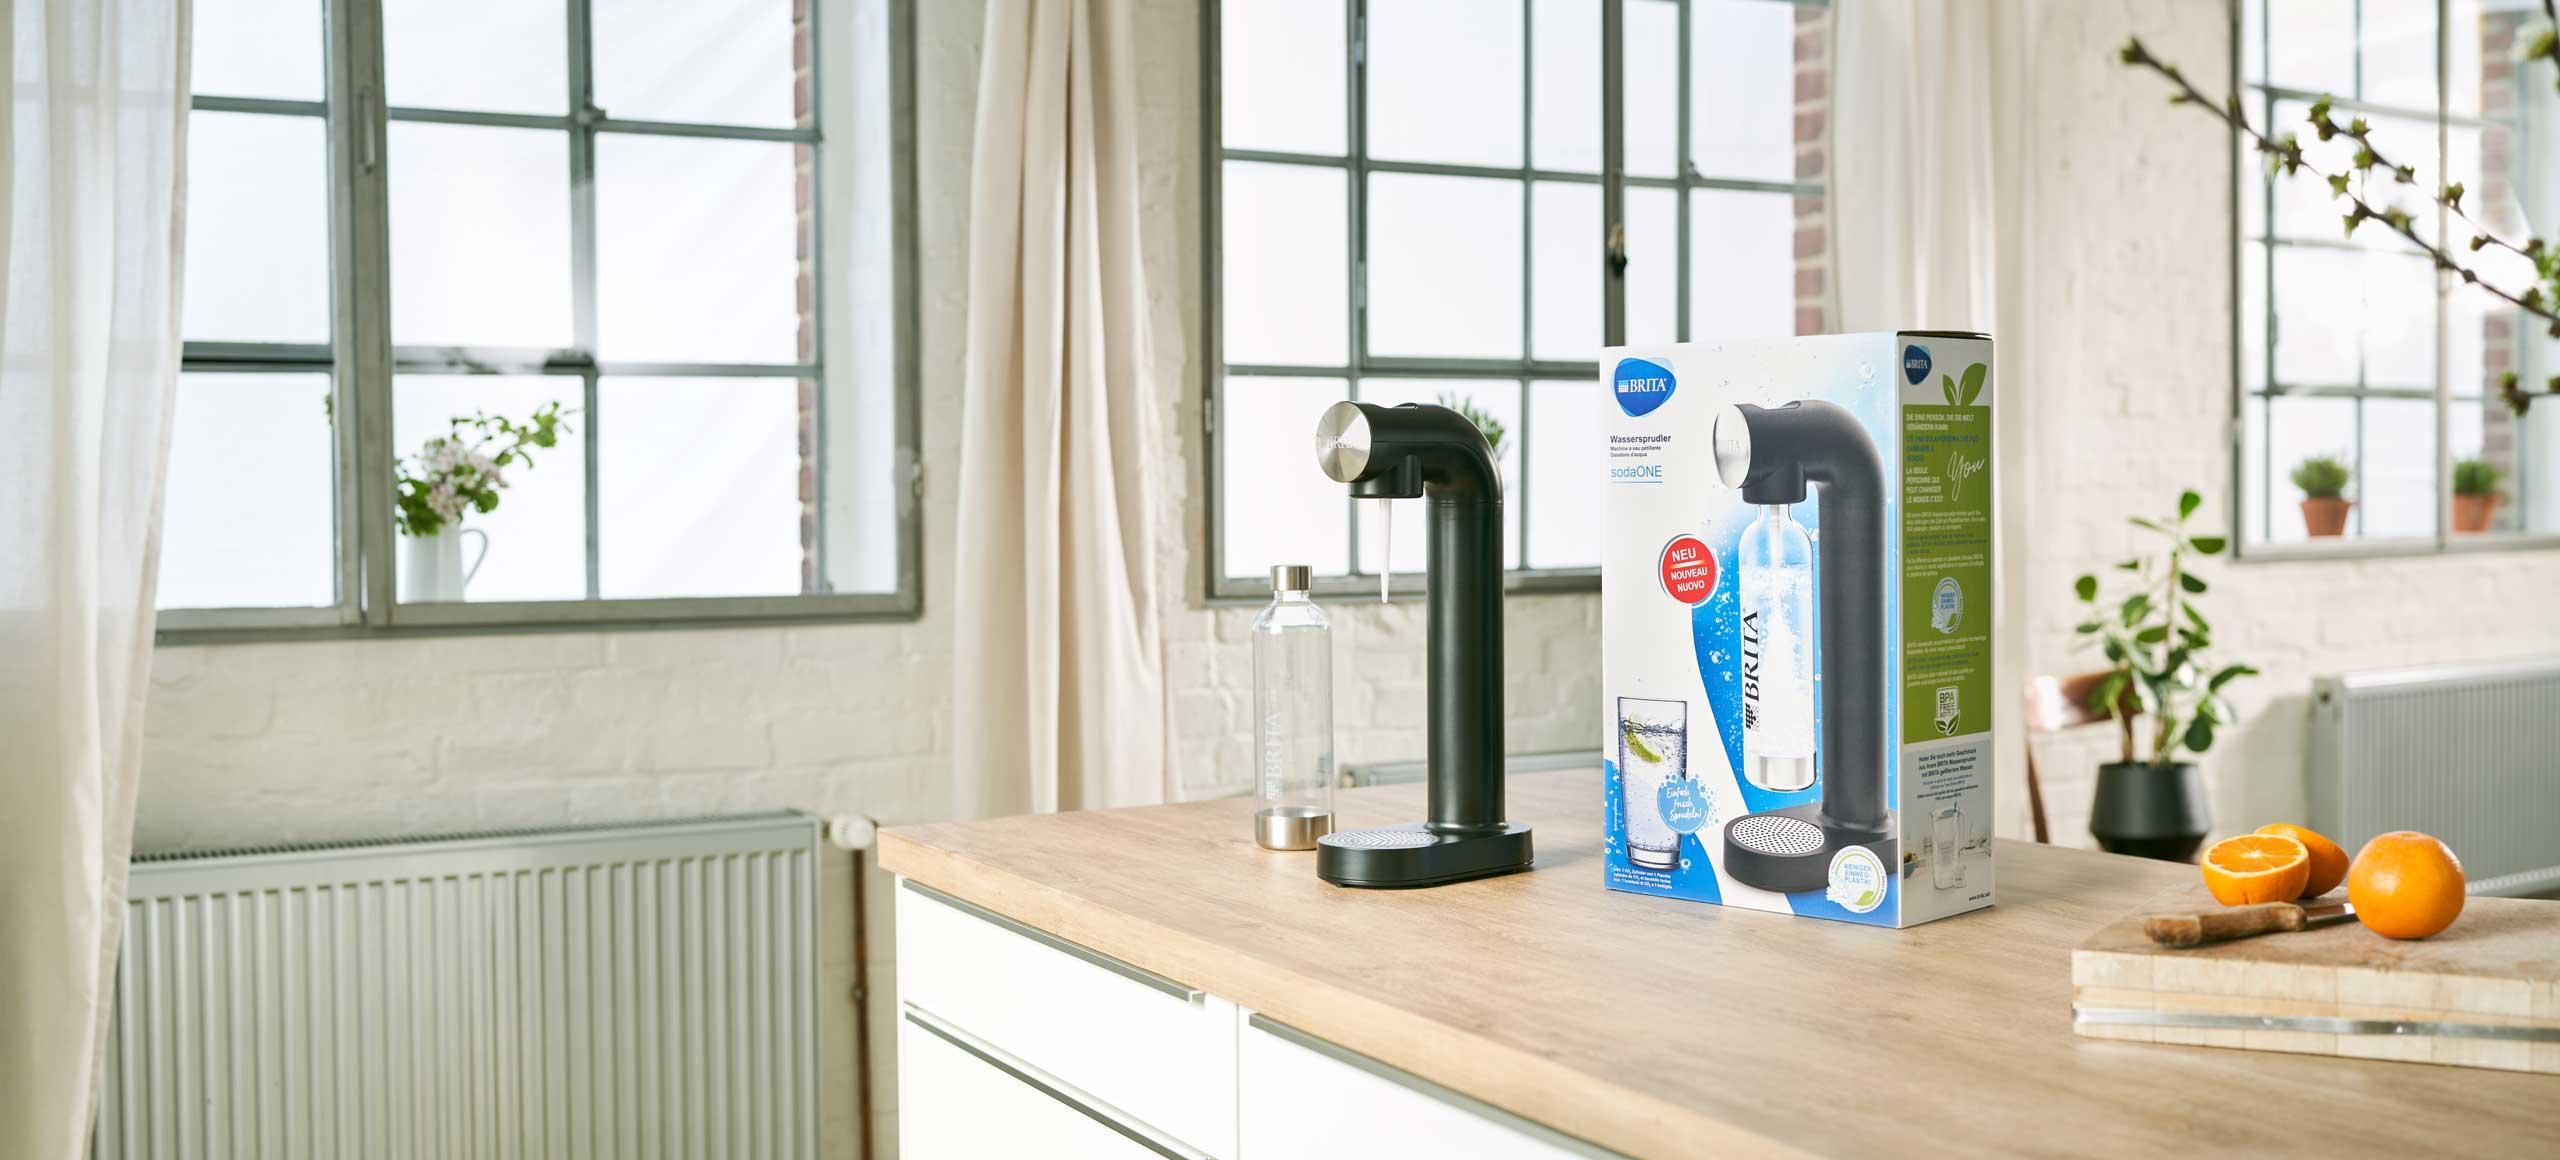 Wassersprudler BRITA sodaOne